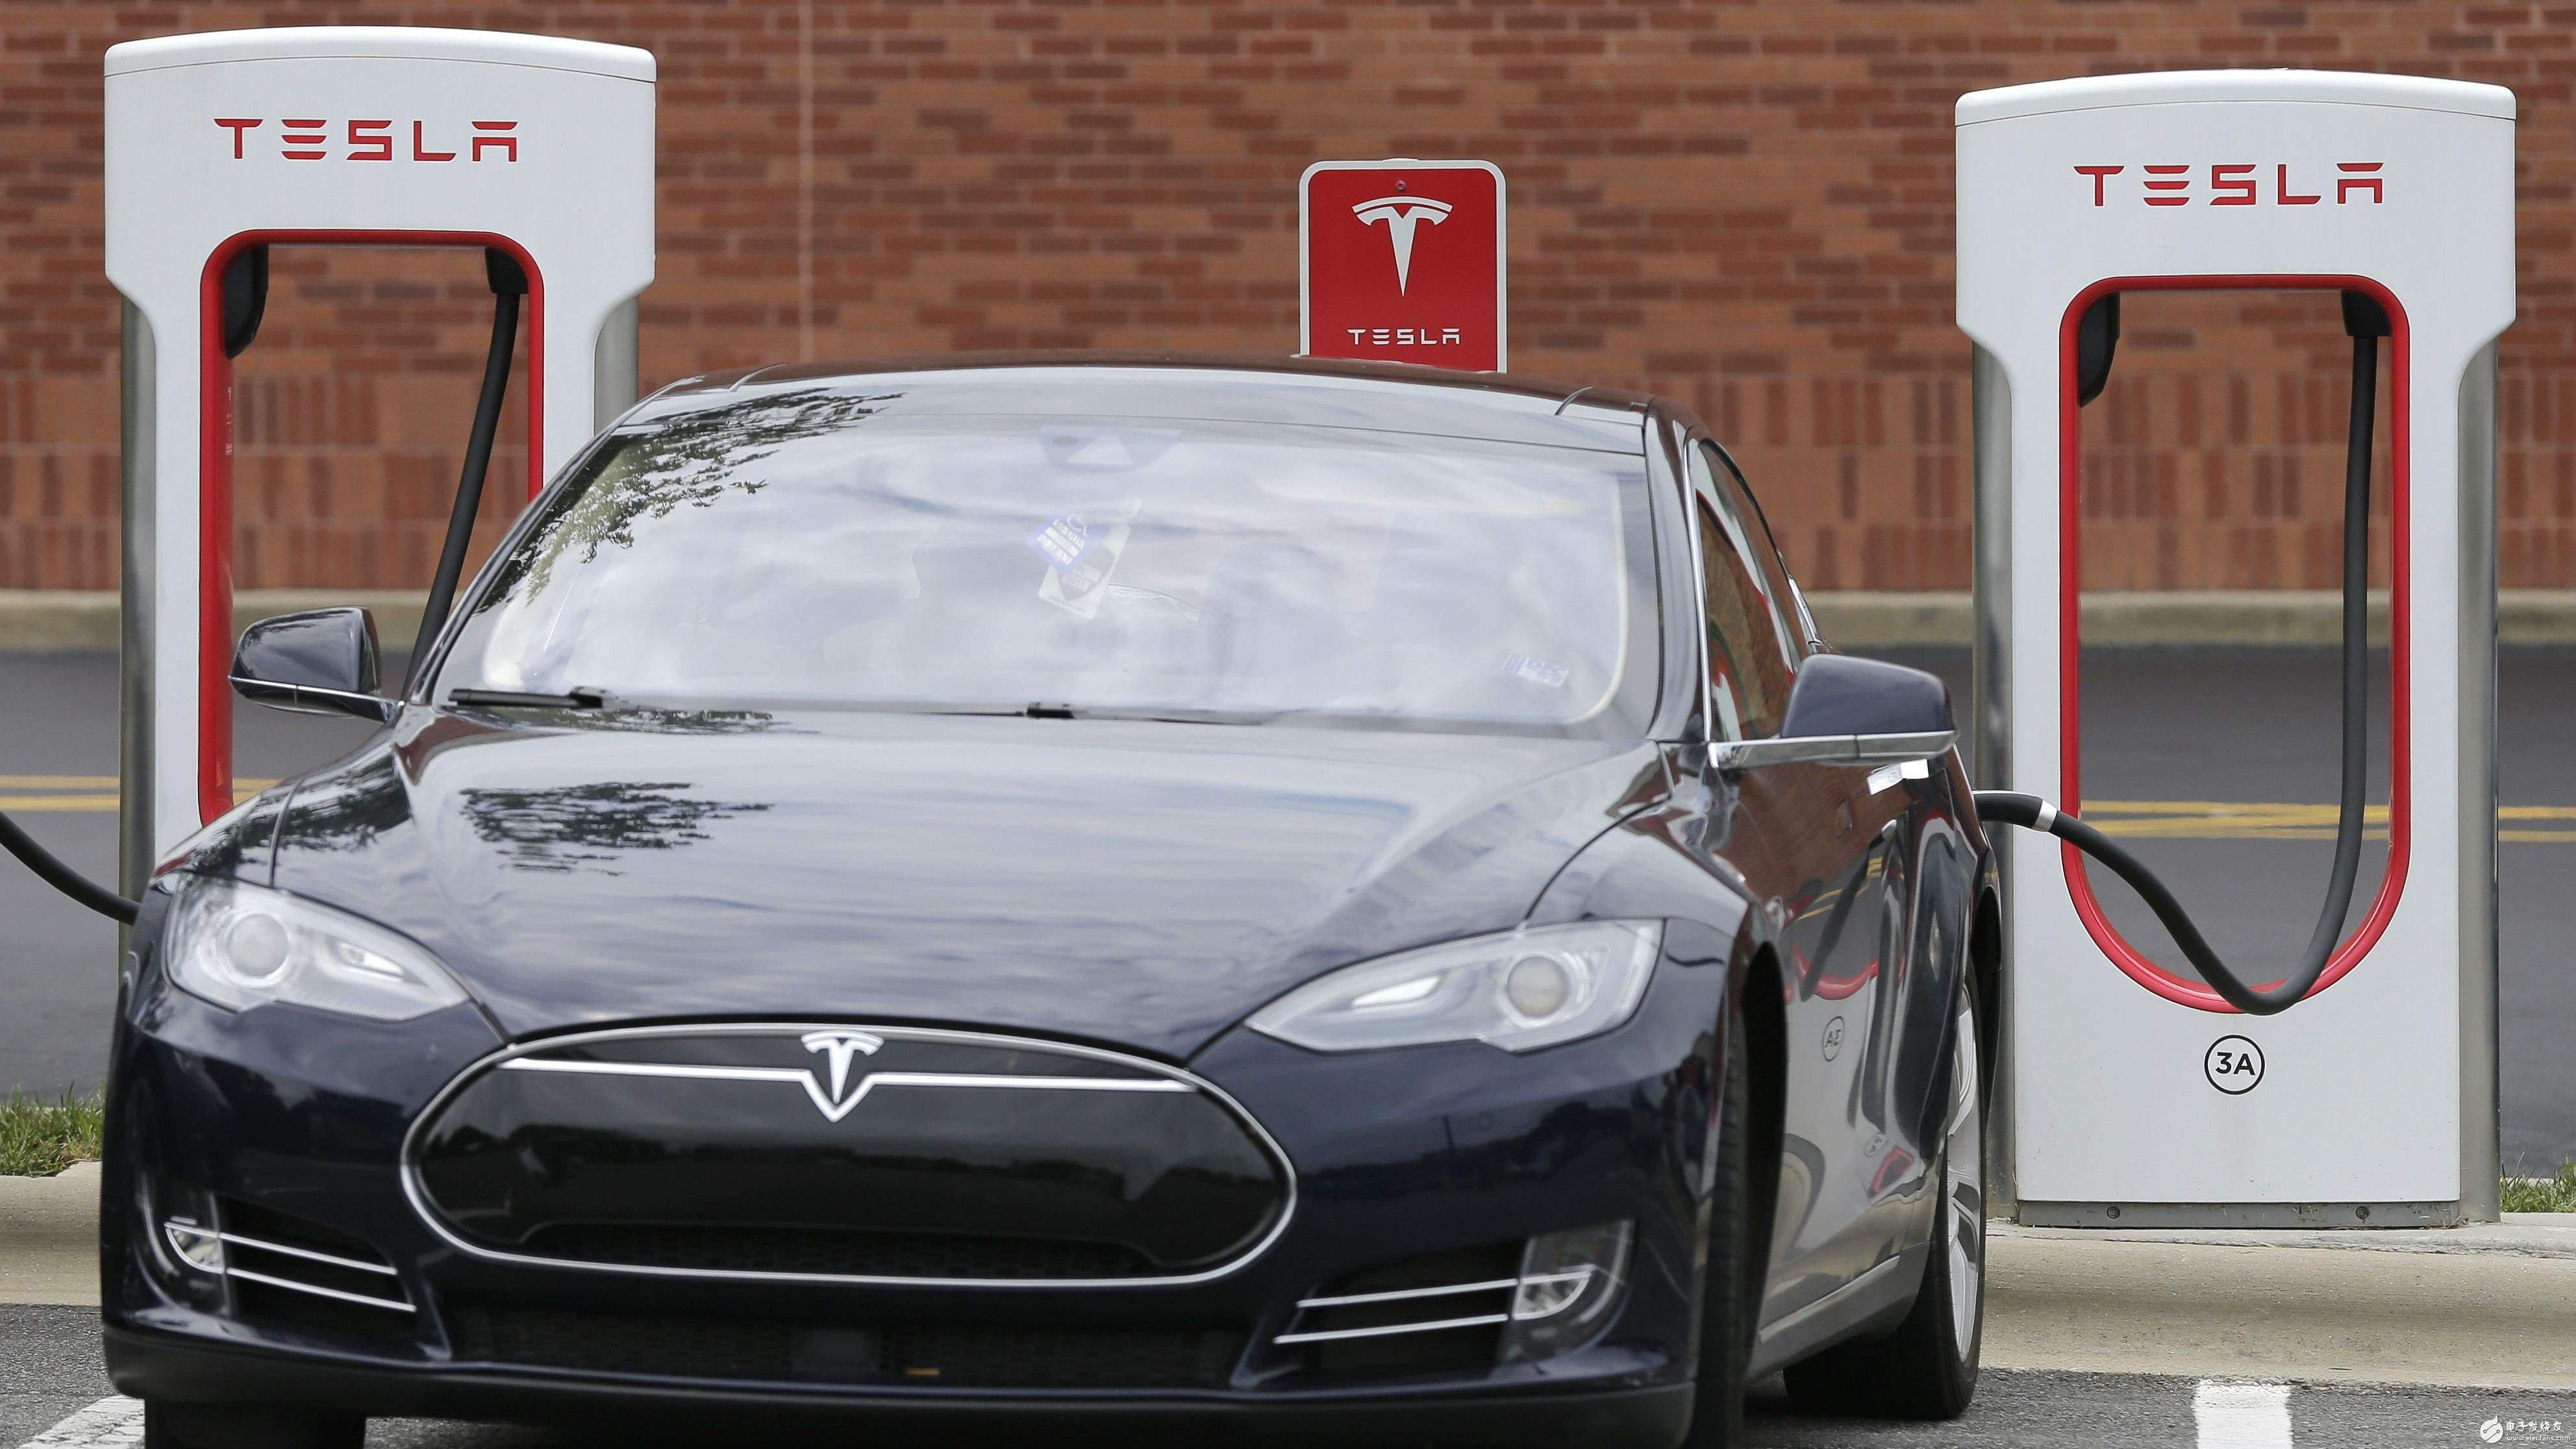 经过多年不懈努力,全球电动汽车产业已风起云涌